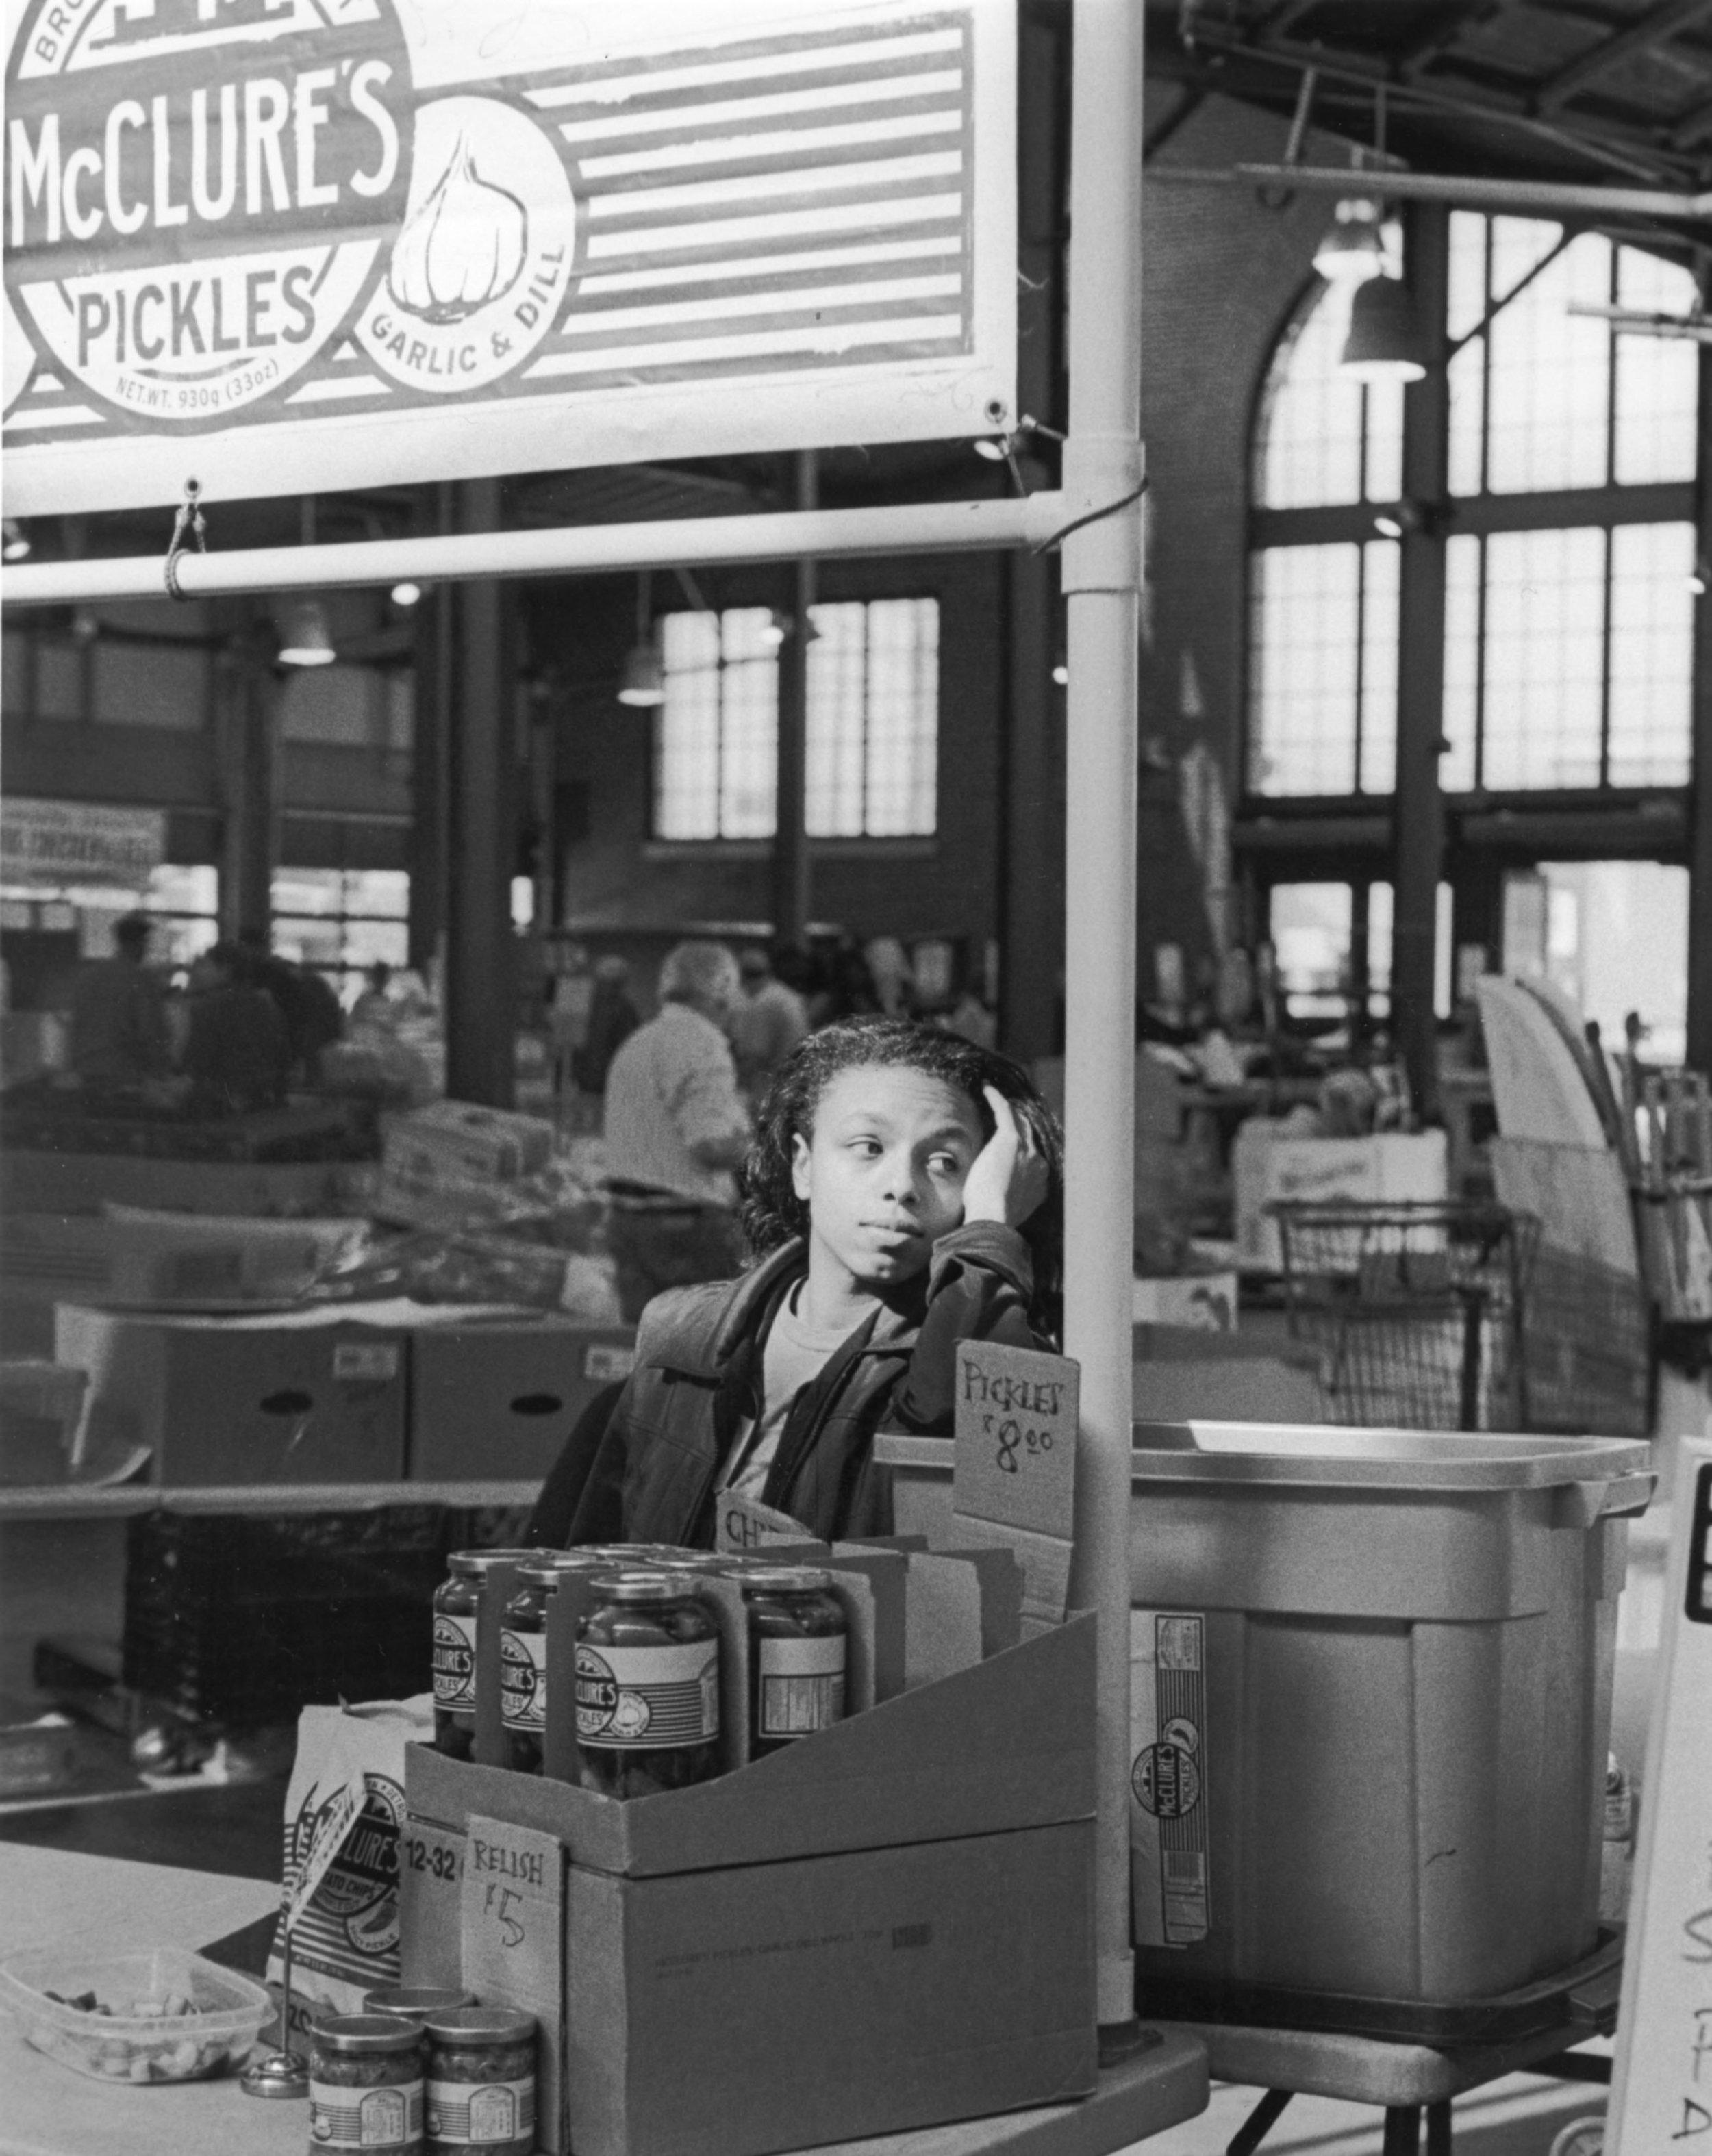 McClure's Pickle Girl - Eastern Market, Detroit MI